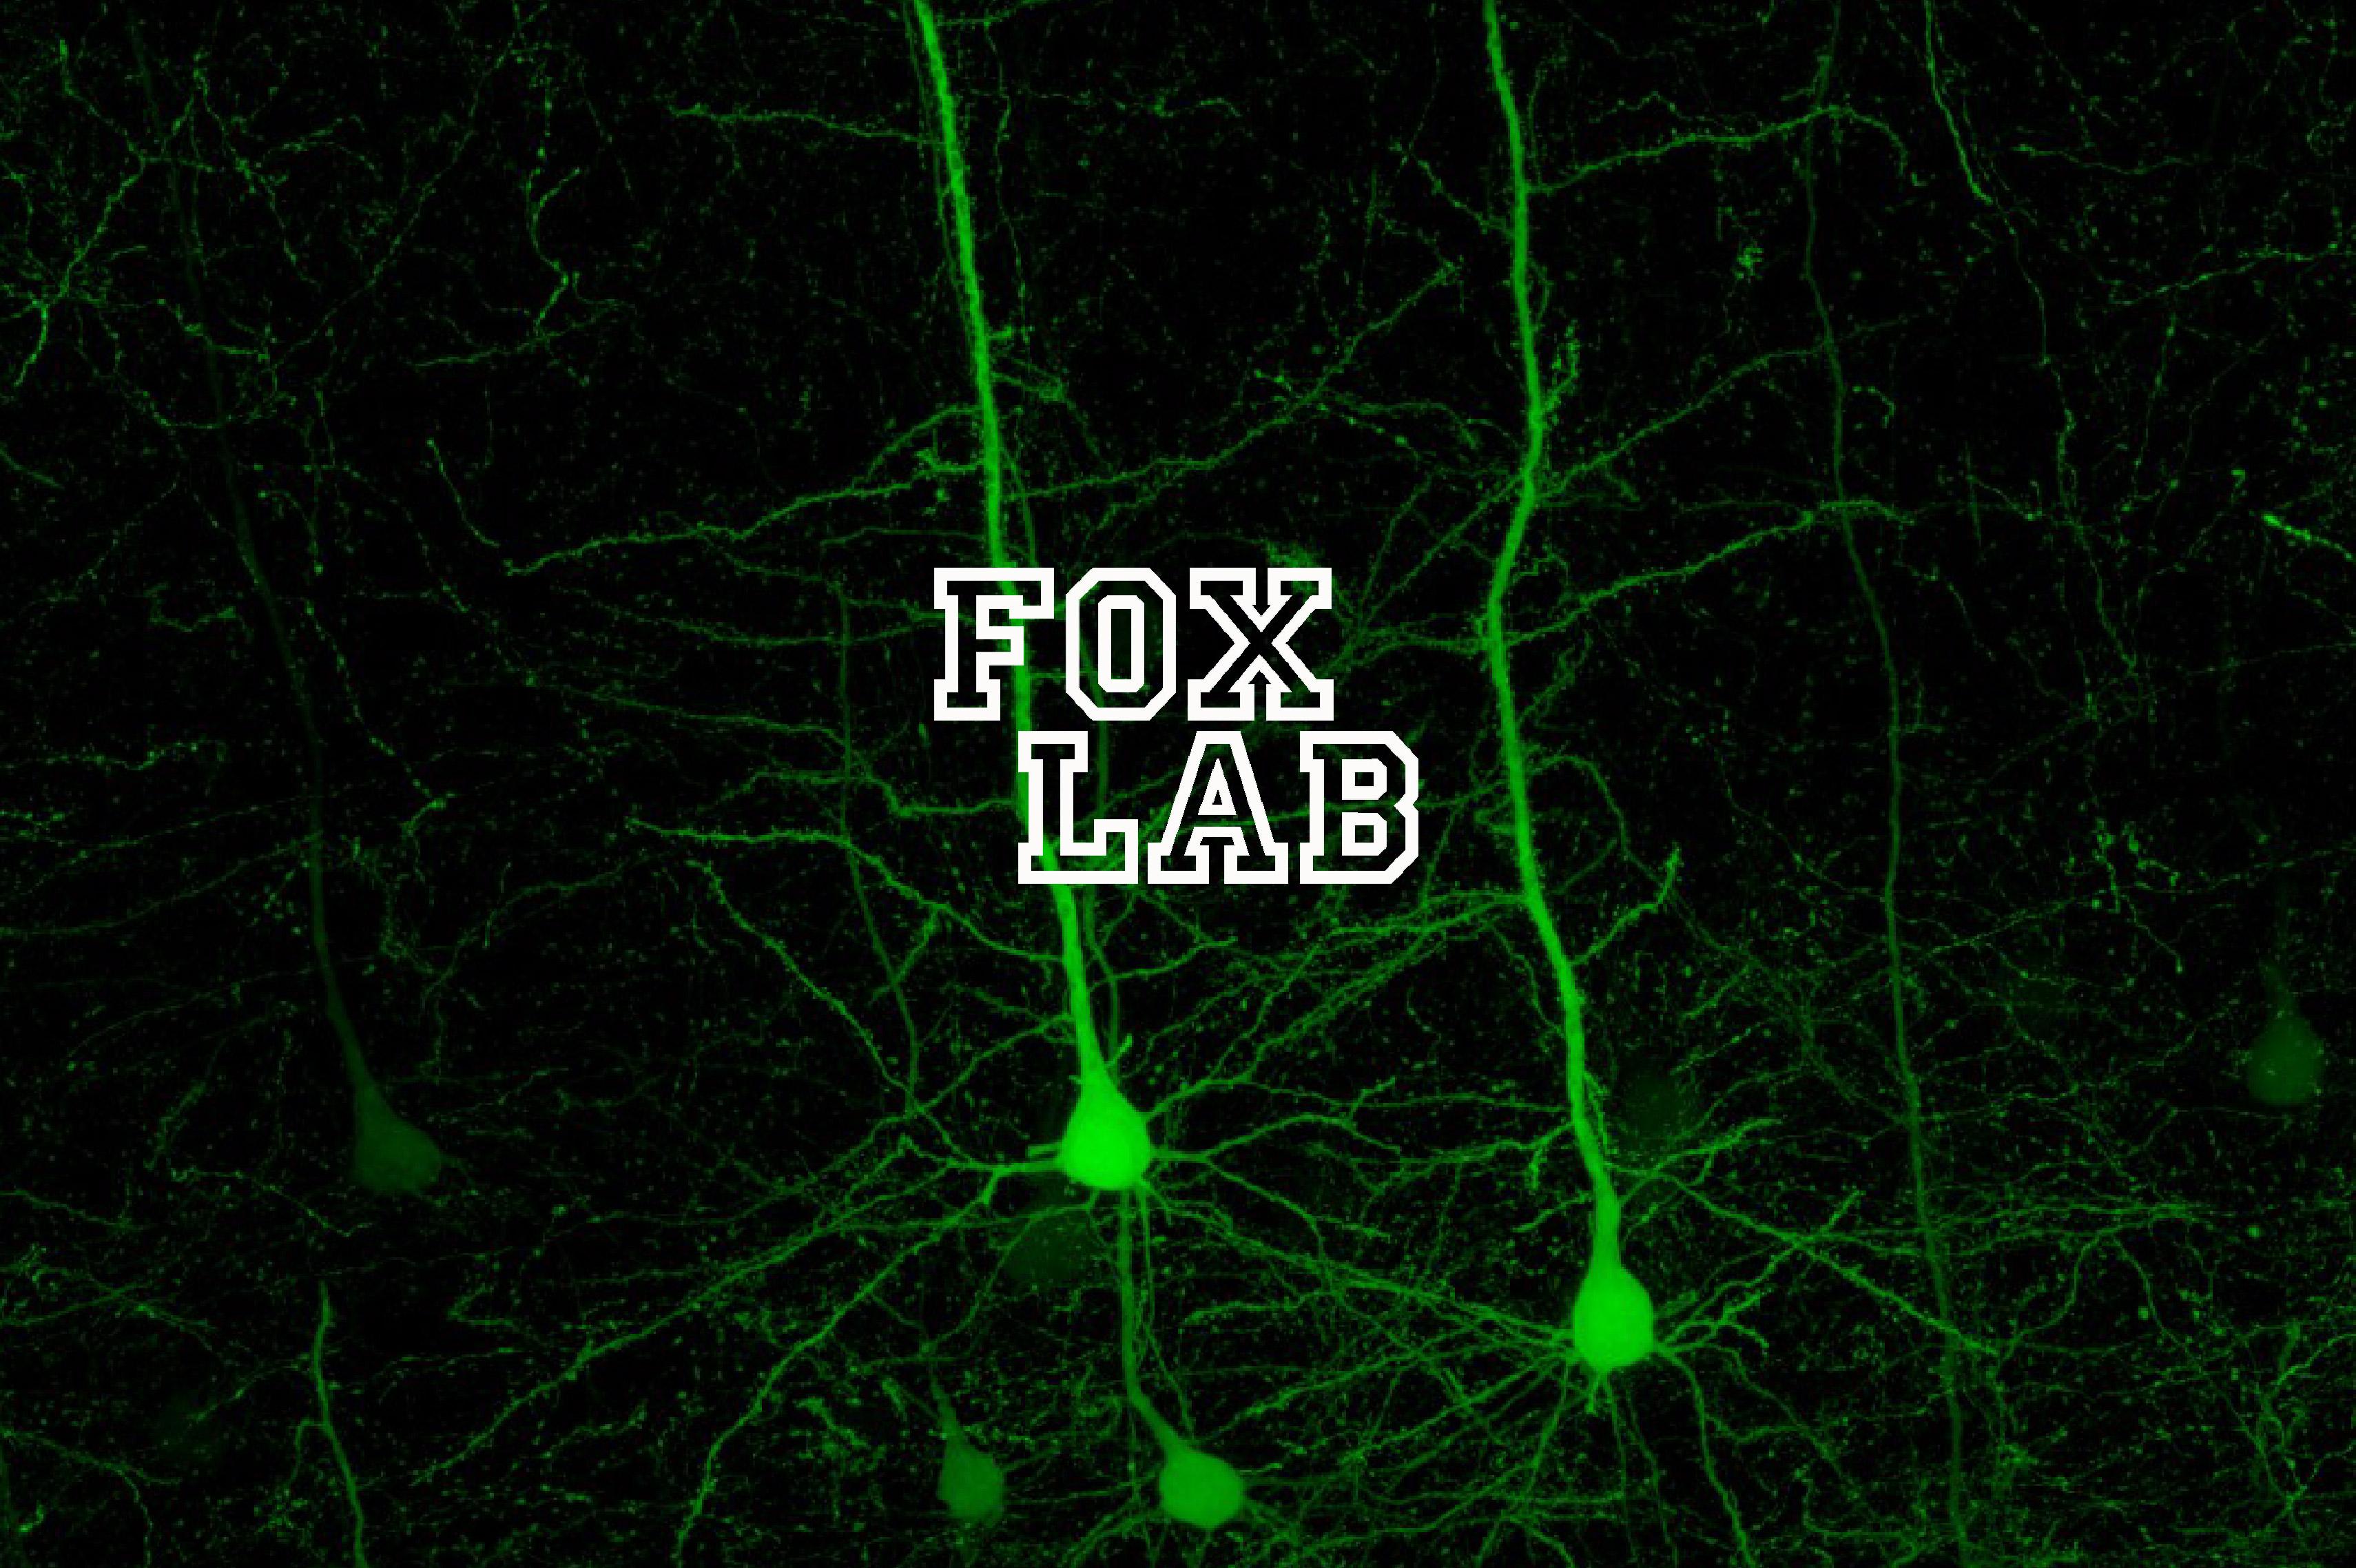 Fox Lab